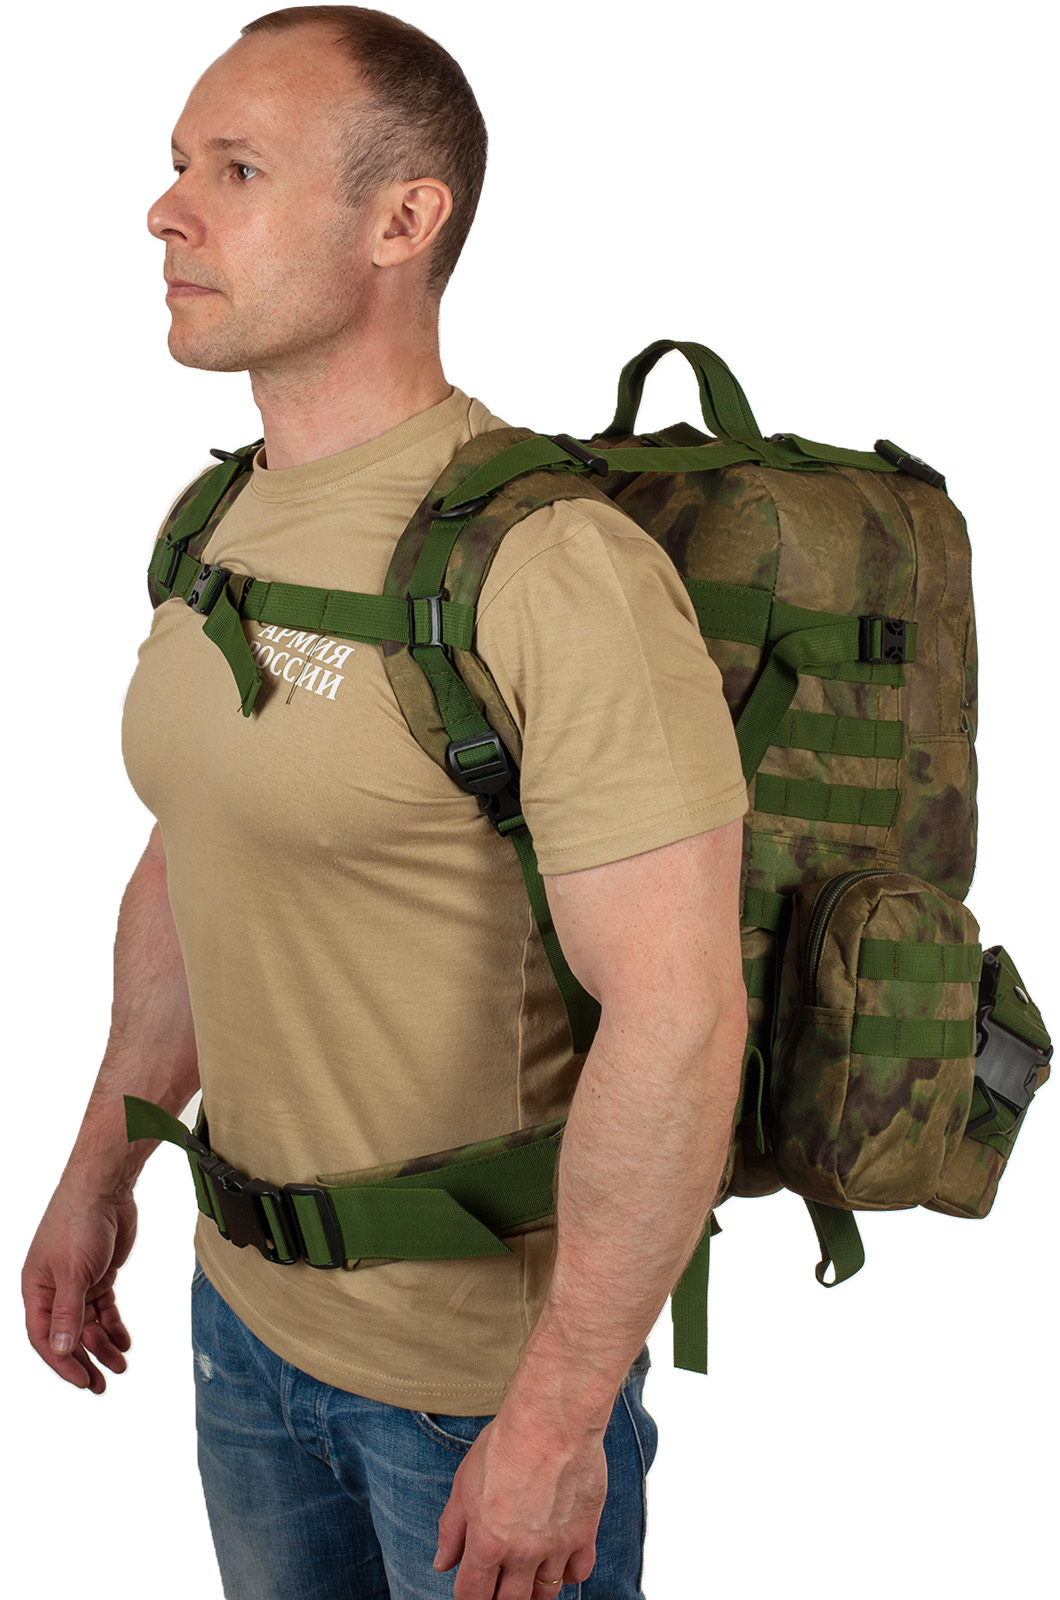 Армейский большой рюкзак-трансформер ДПС - заказать в подарок